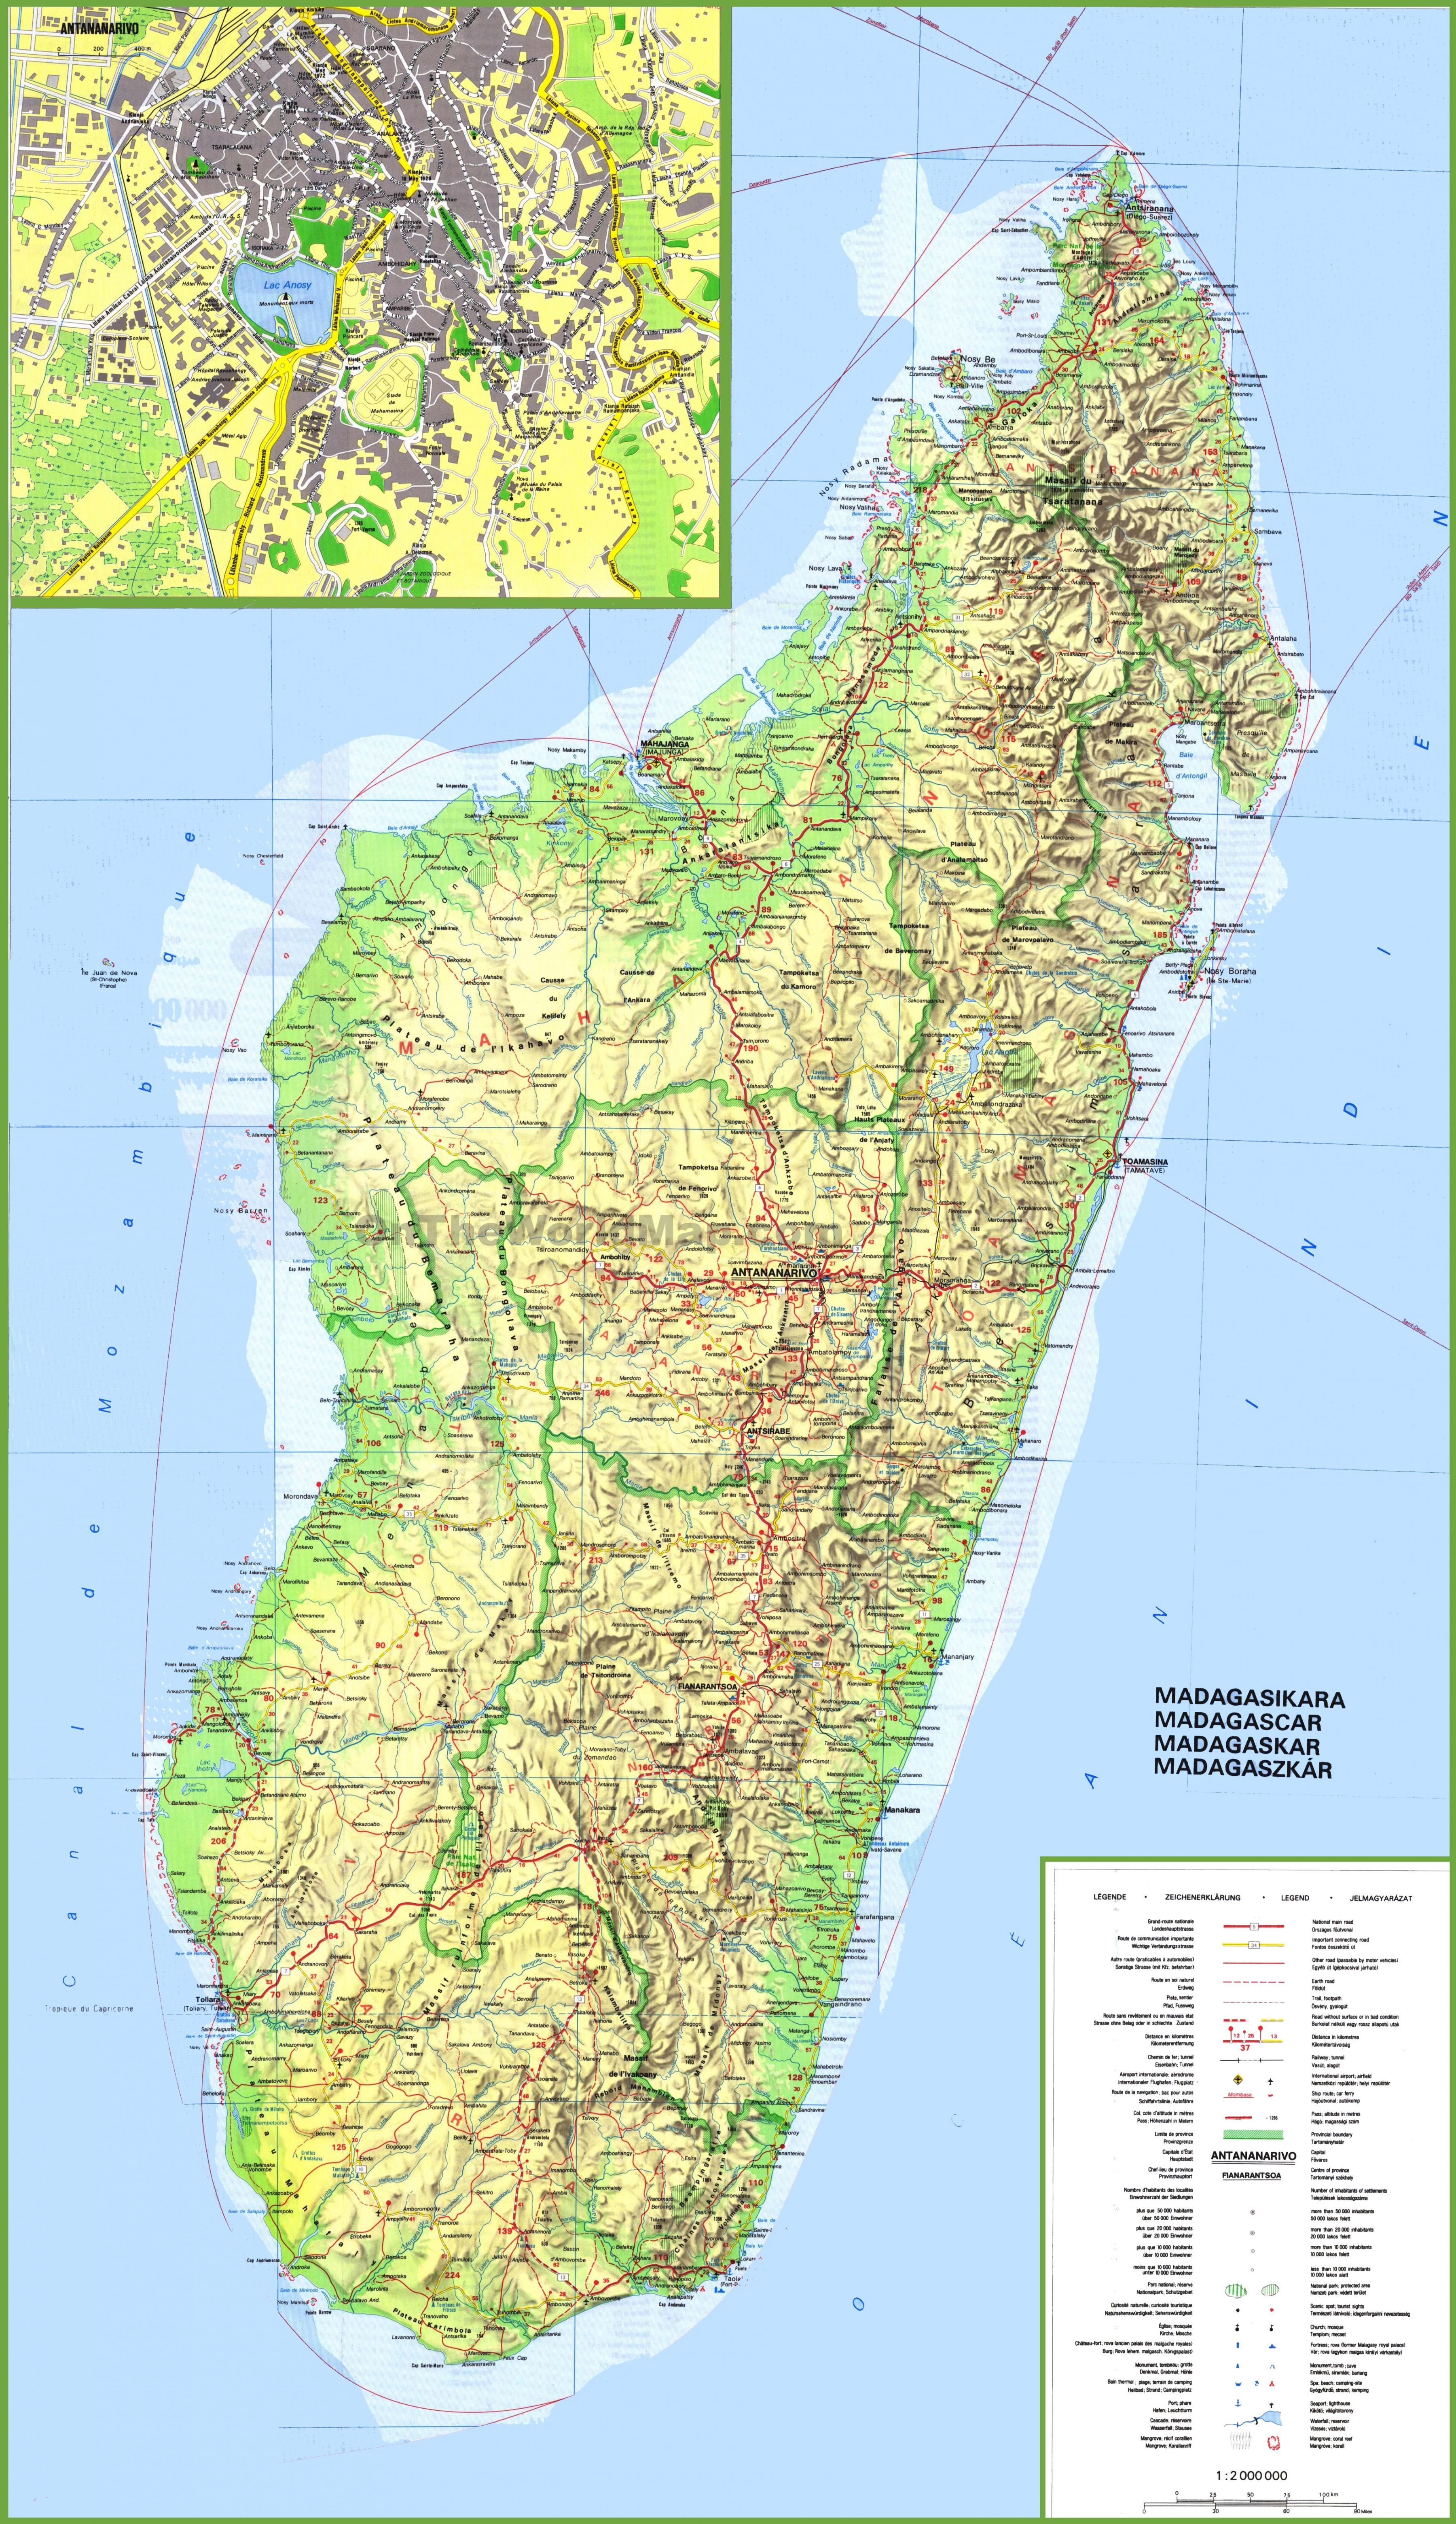 Madagaskar Karte.Madagaskar Karte Landkarte Madagaskar Ost Afrika Afrika